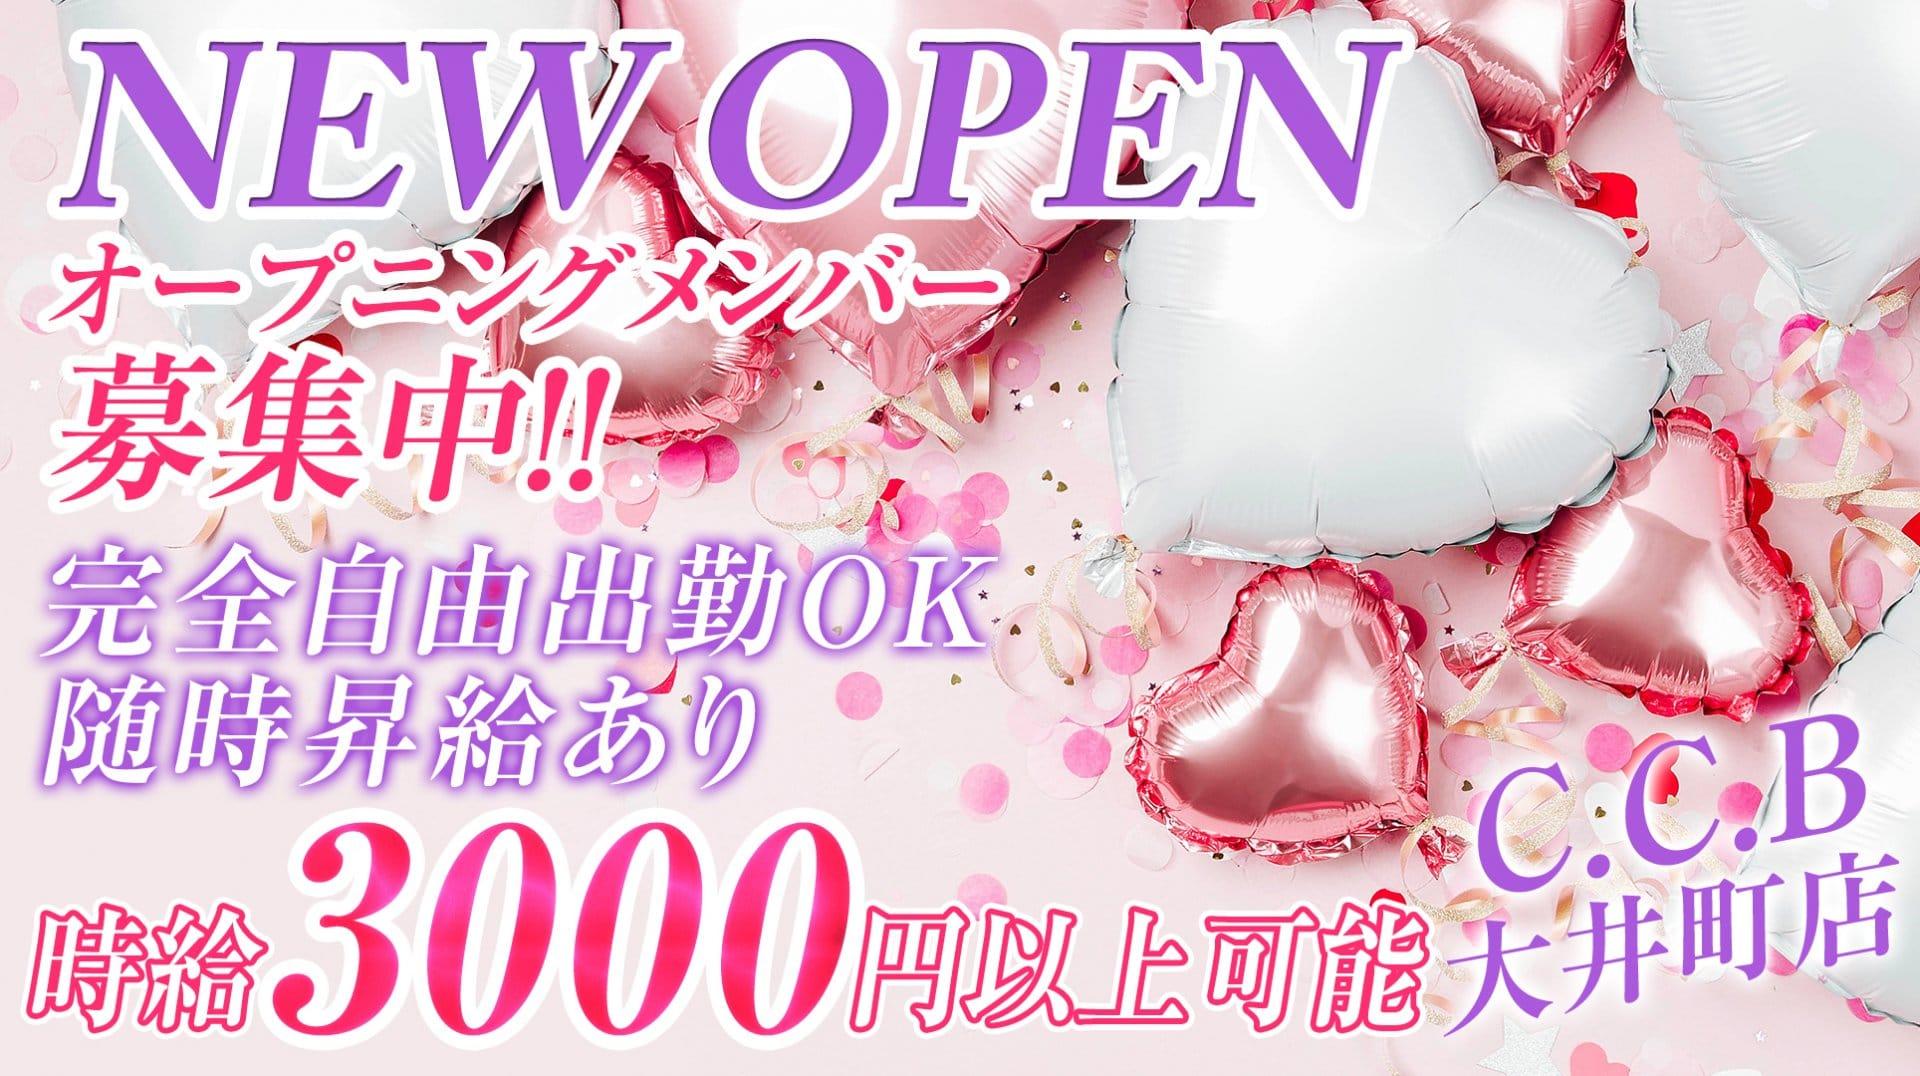 C.C.B<コミュニケーションバー>大井町店 渋谷 ガールズバー TOP画像